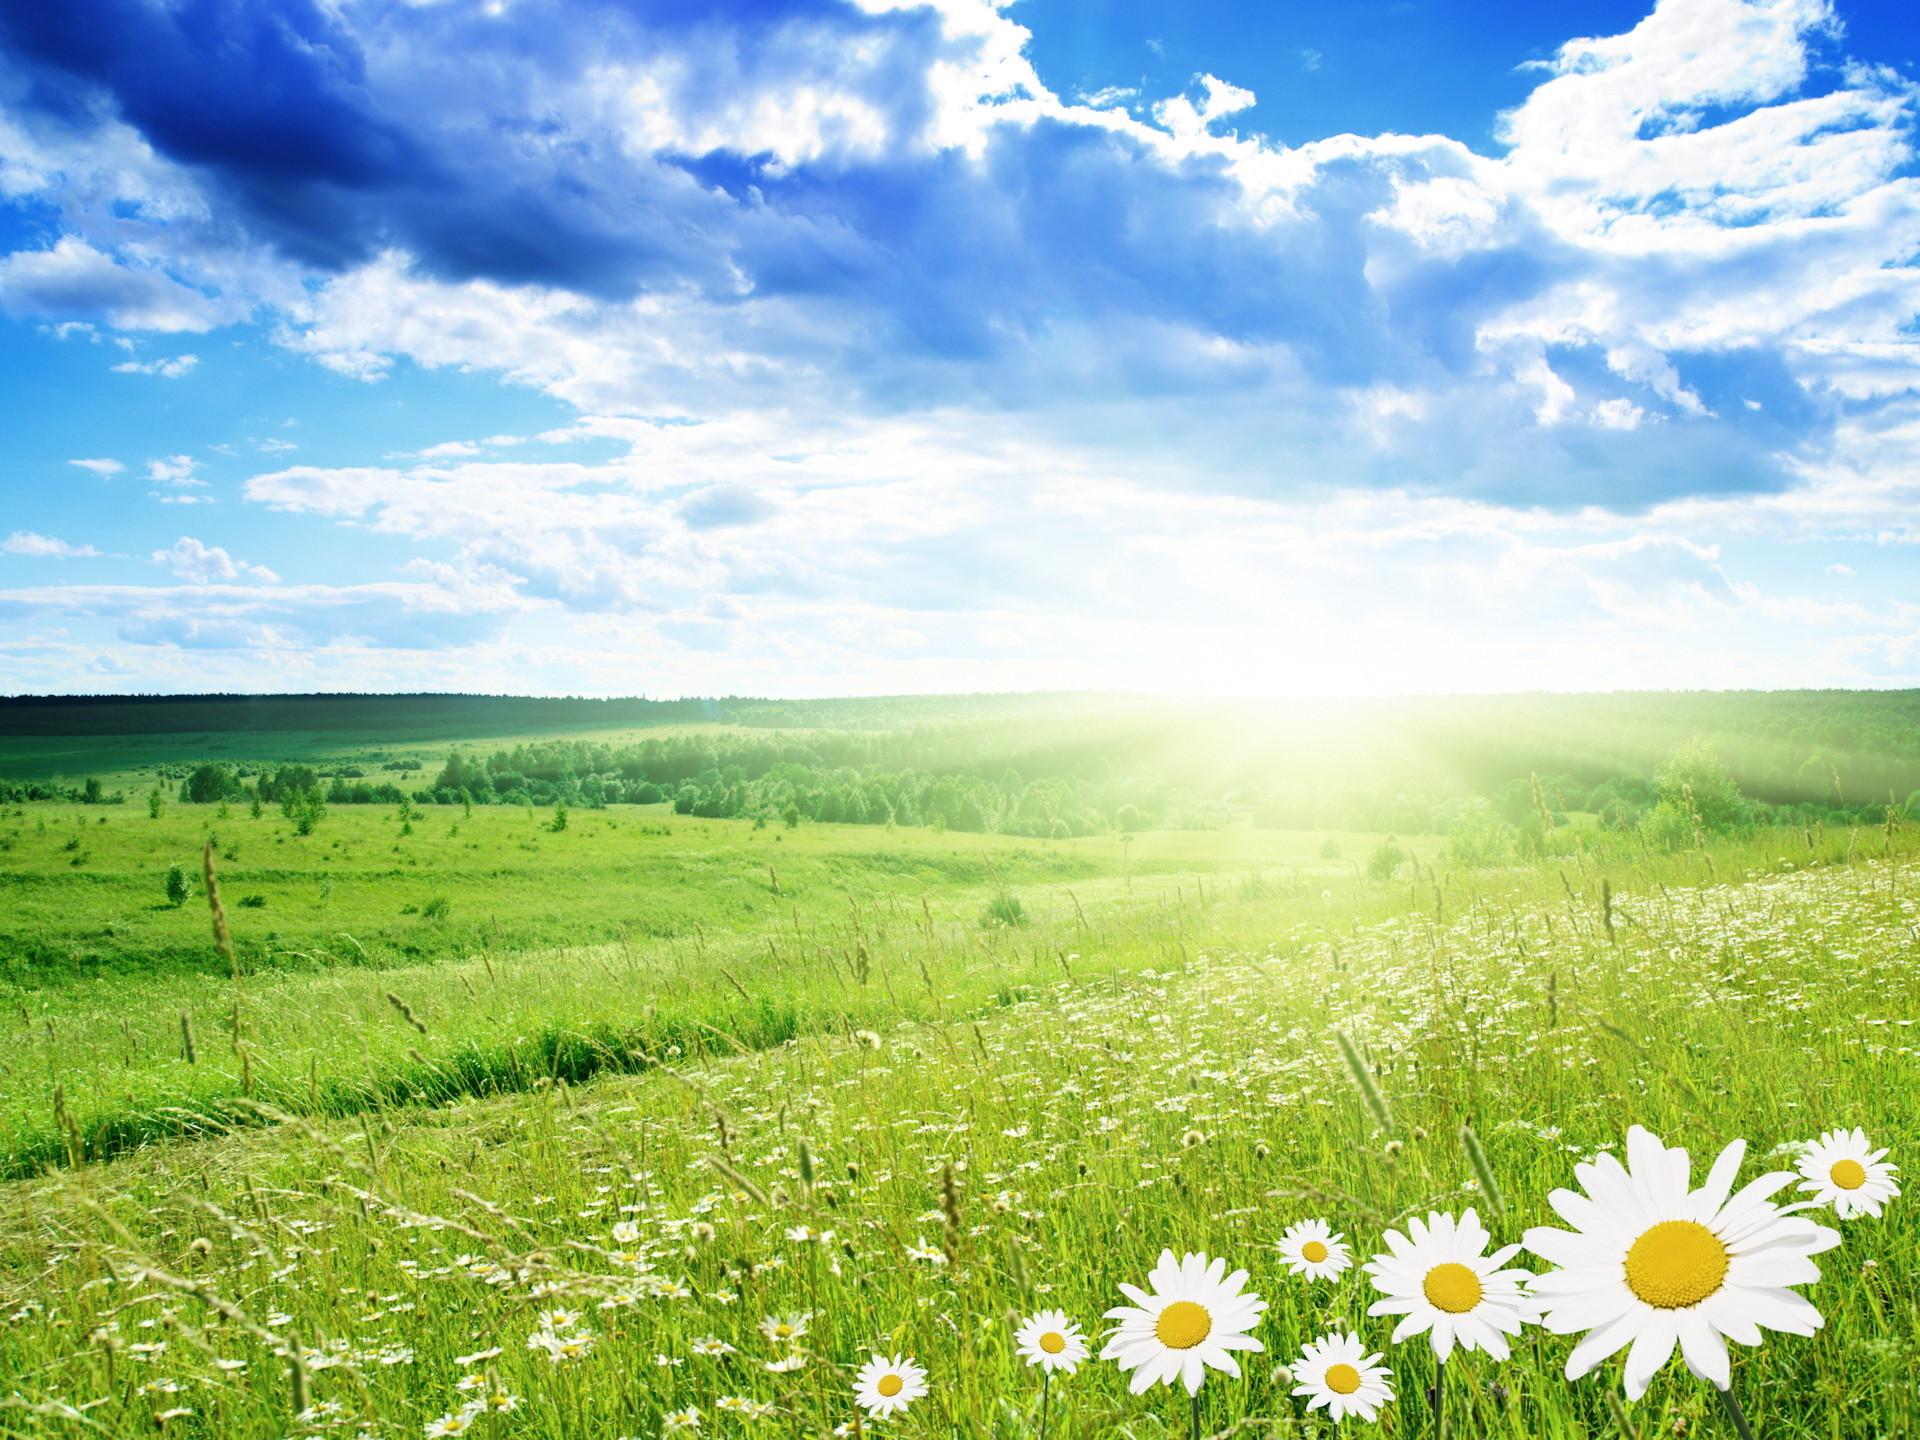 15244 fond d'écran 1125x2436 sur votre téléphone gratuitement, téléchargez des images Paysage, Fleurs, Sky, Sun 1125x2436 sur votre mobile